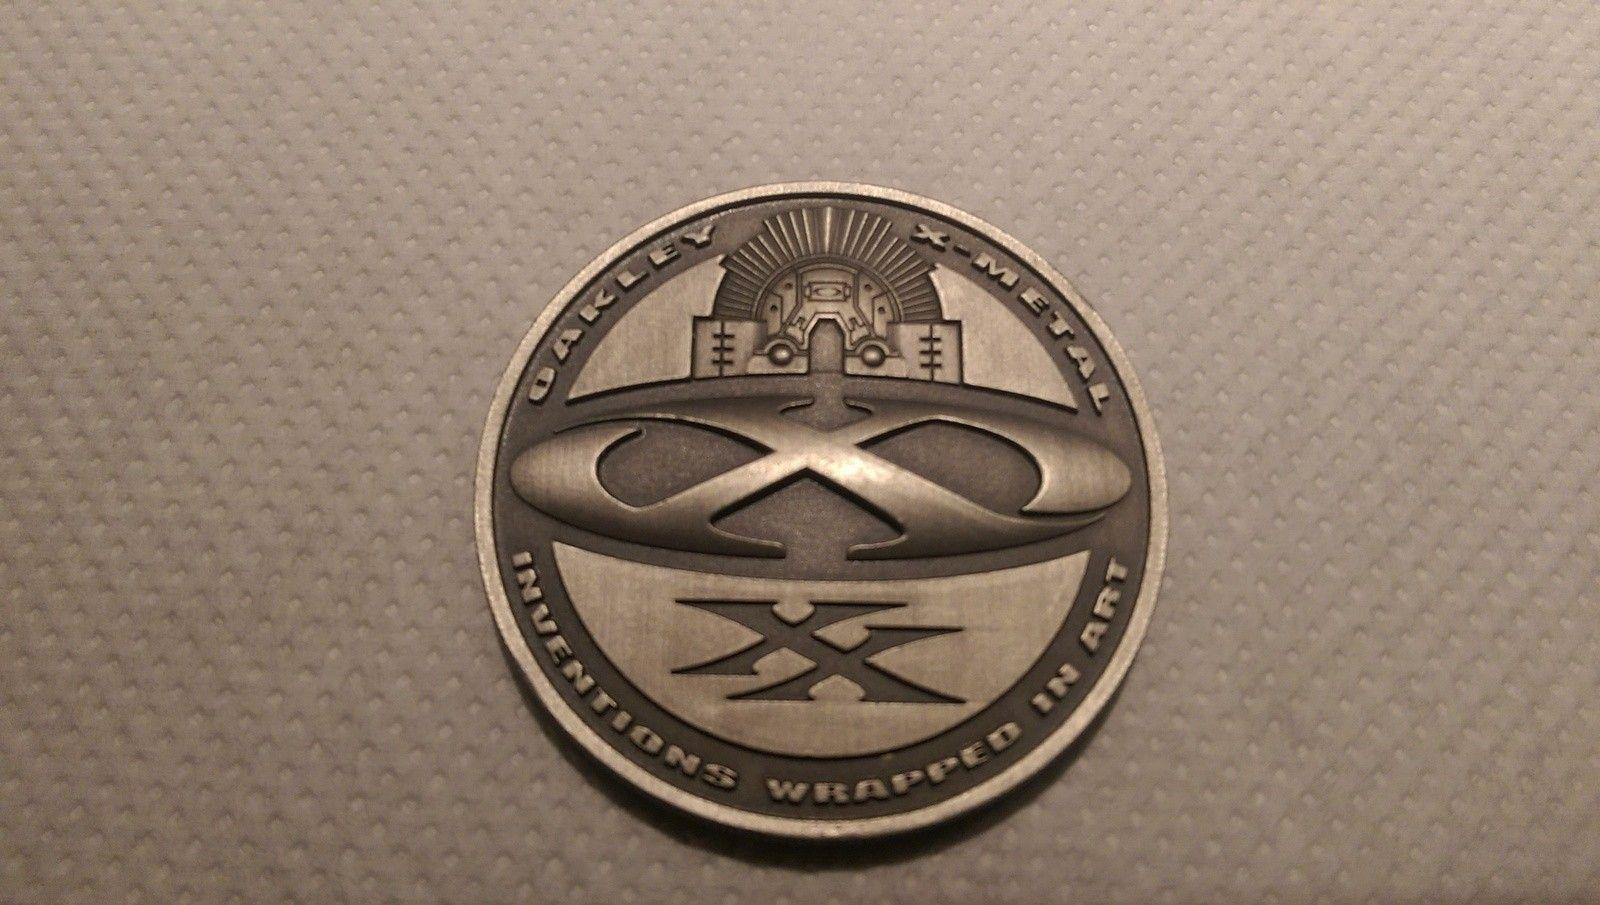 XX newer version small coin - uploadfromtaptalk1450077143944.jpg